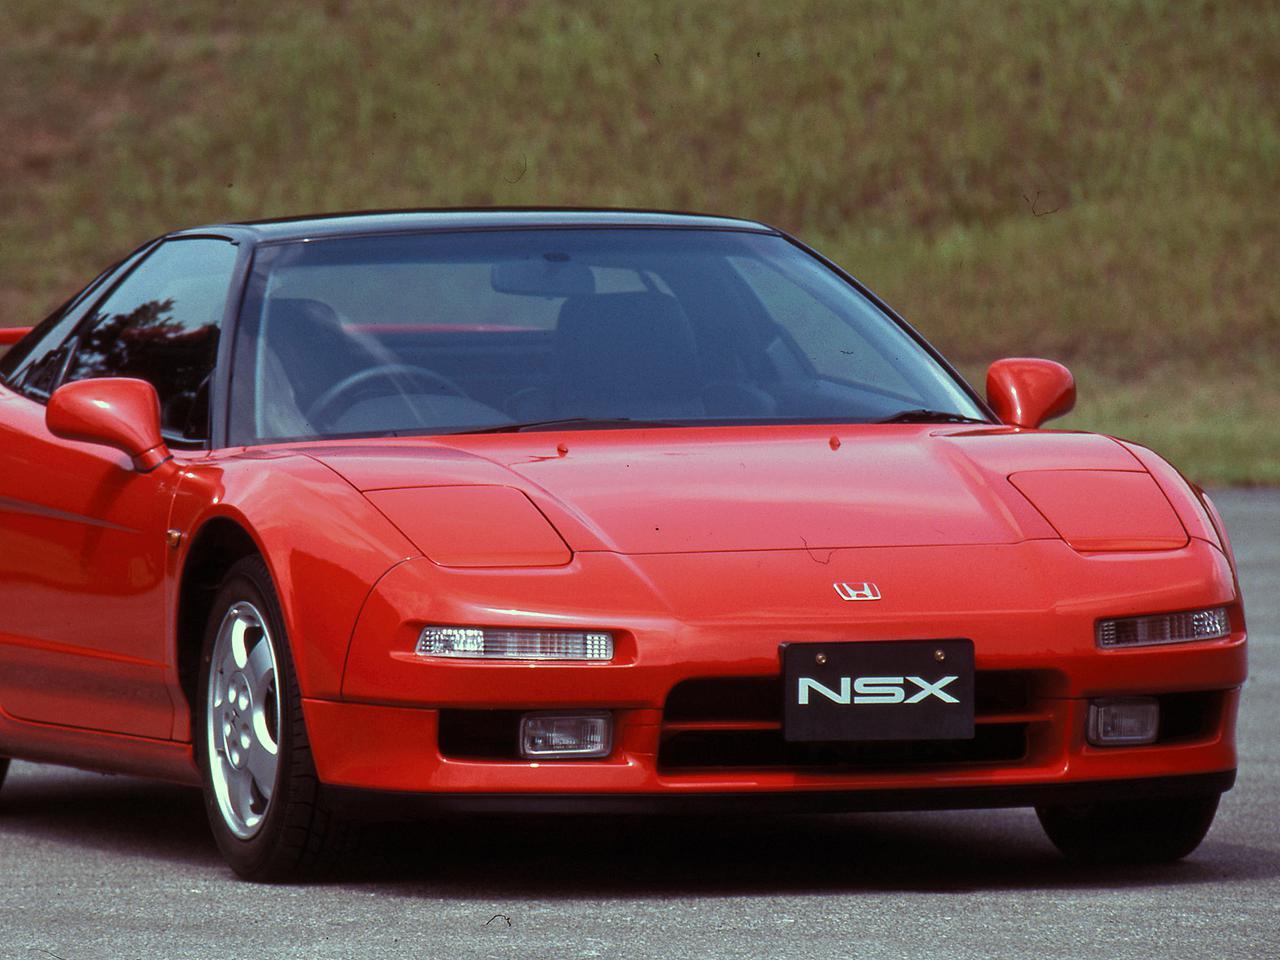 【スーパーカー年代記 043】ホンダ NSXは日本のバブル期を象徴するスーパーカーだった